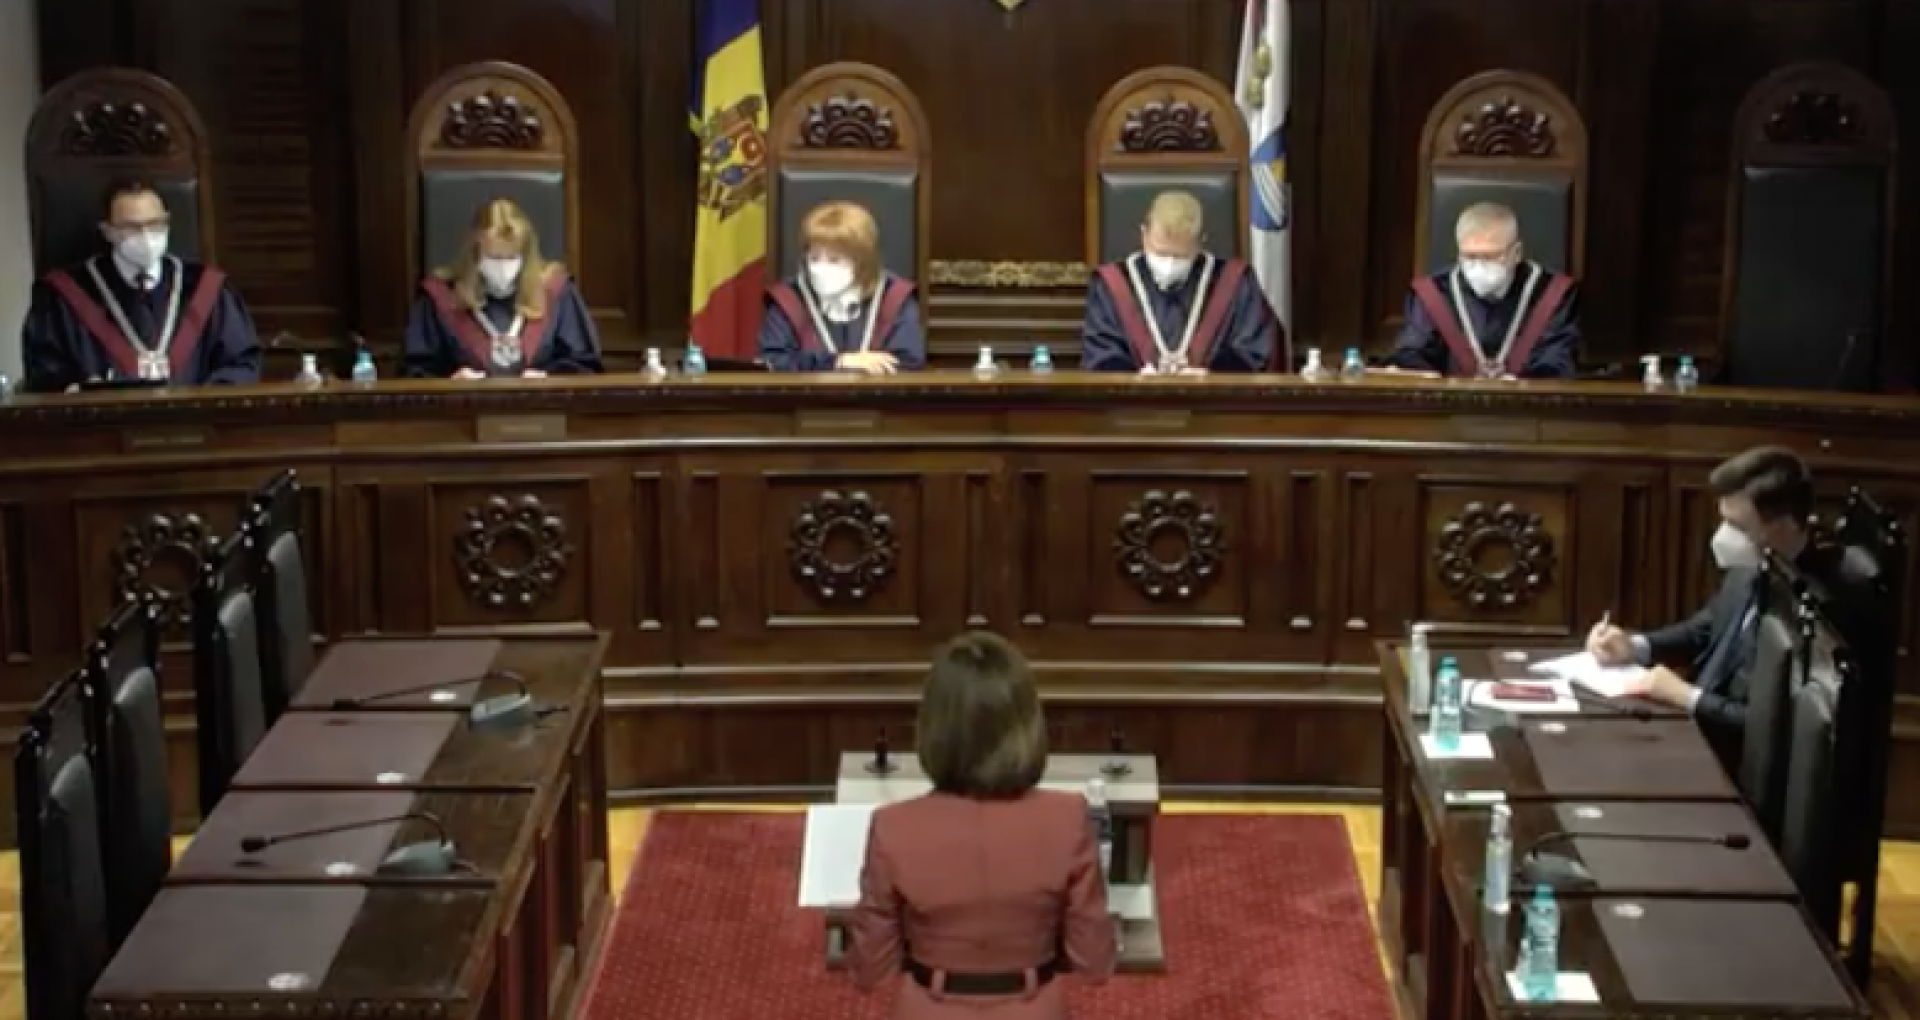 VIDEO/ Curtea Constituțională a decis: există circumstanțe pentru dizolvarea Parlamentului de la Chișinău